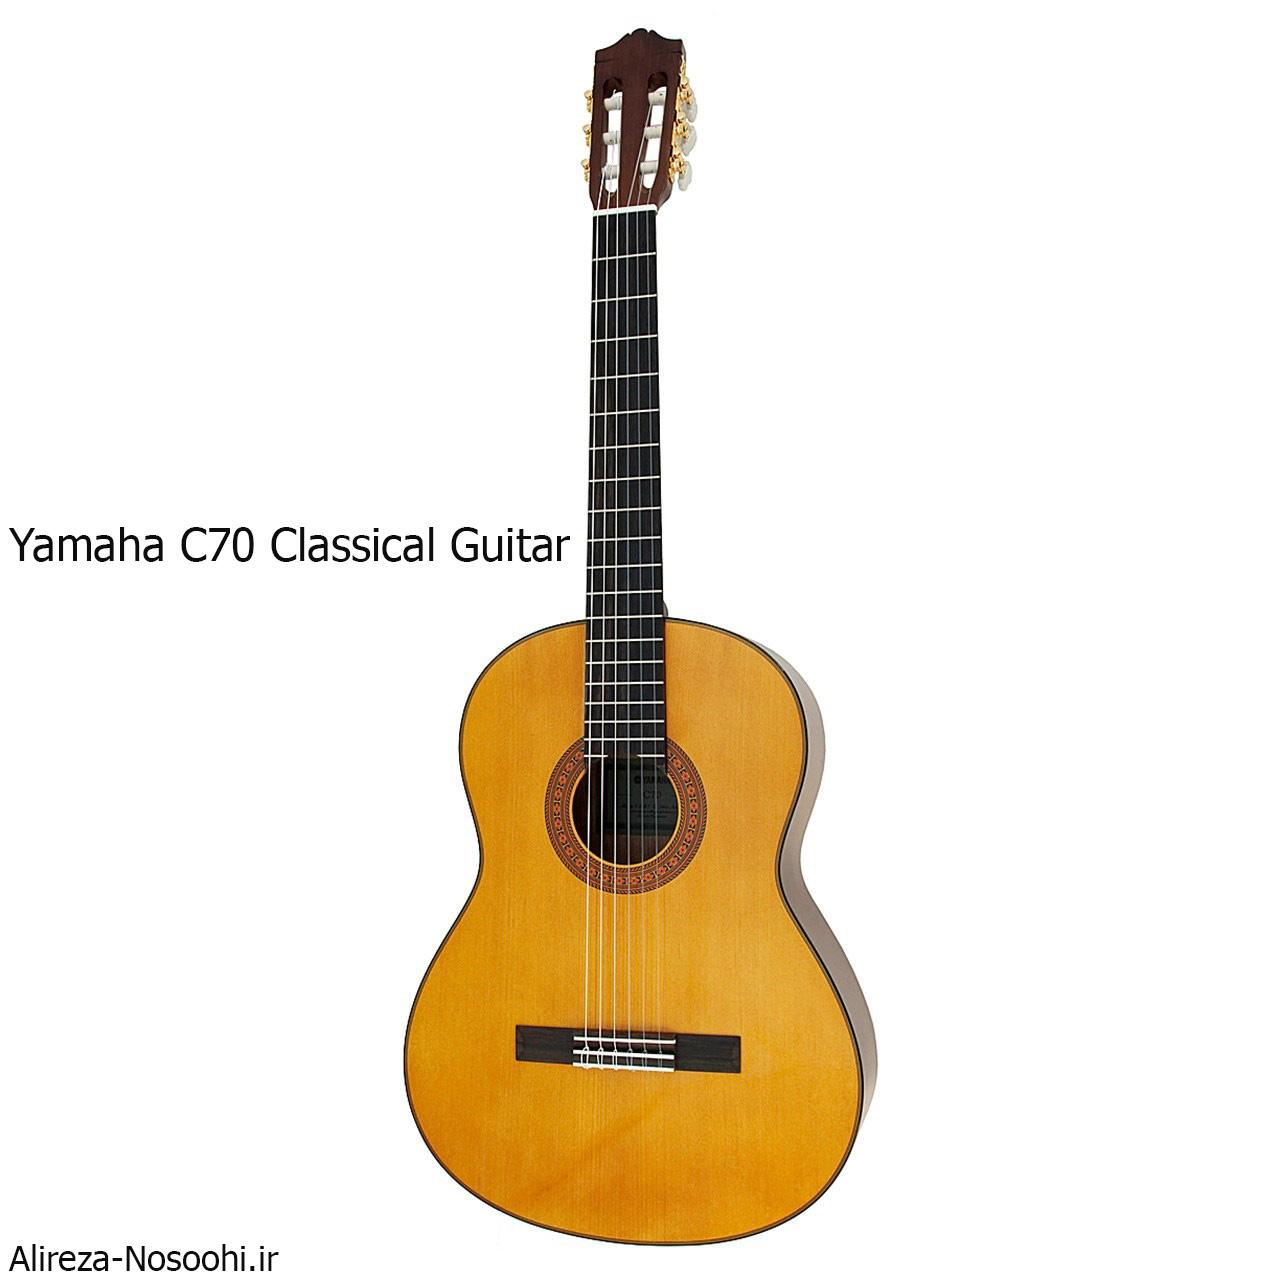 مقایسه گیتار یاماها سی 70 و یاماها سی 40